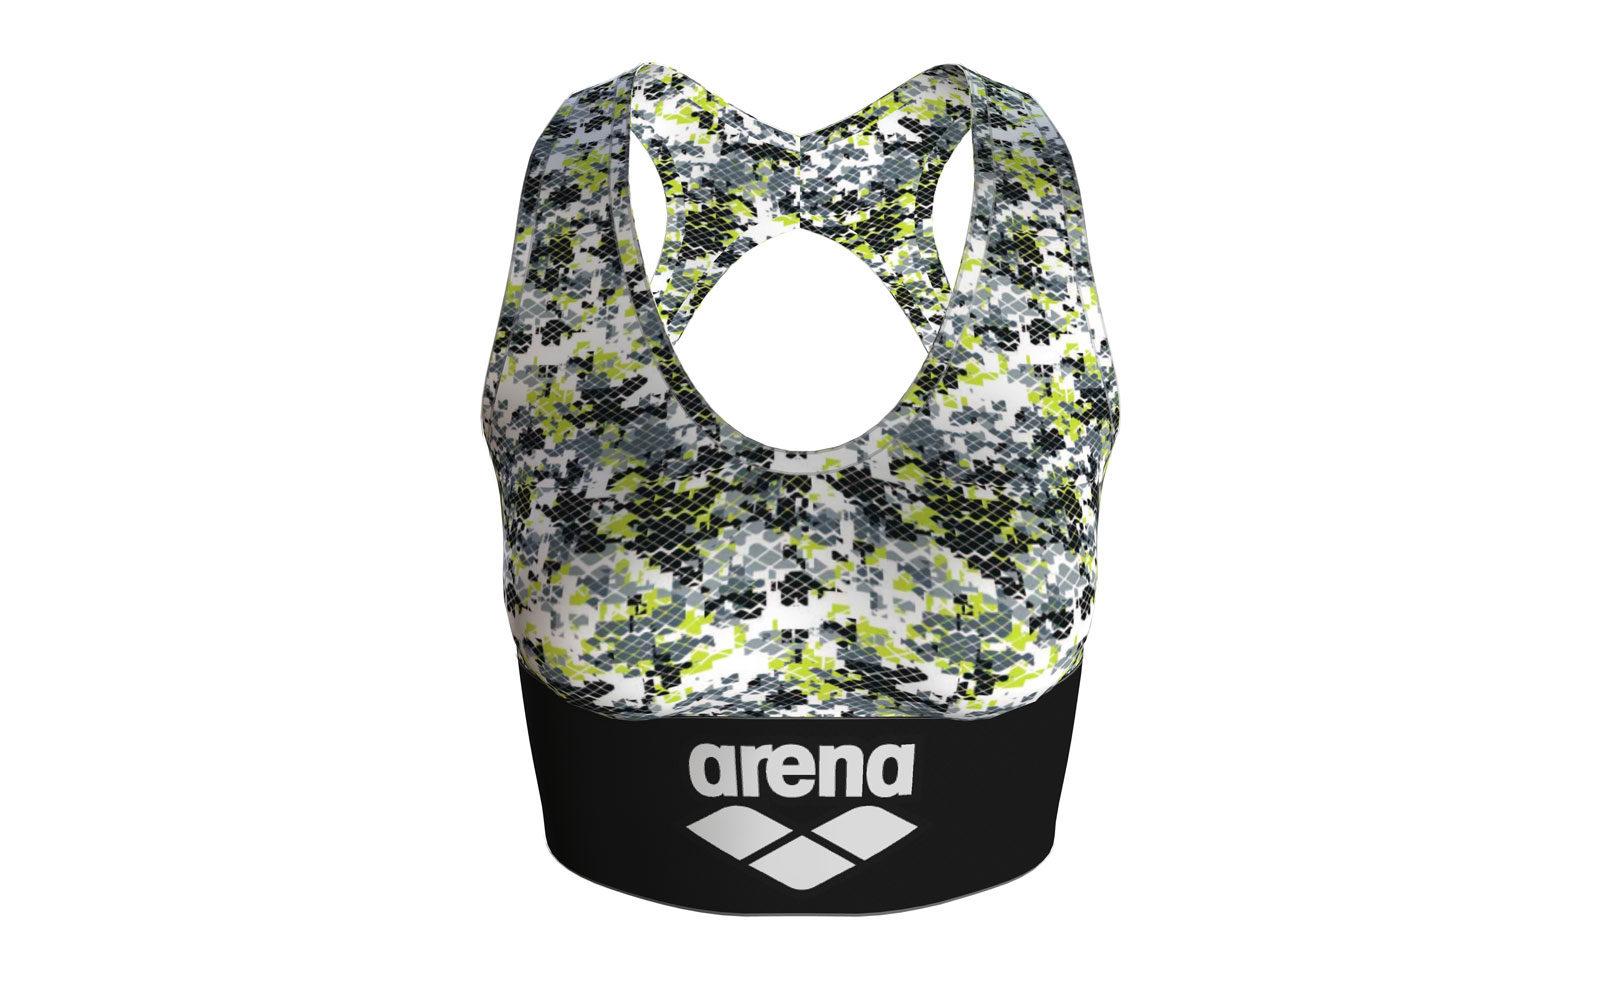 Arena Gym Bra-Top, esternabile in tessuto tecnico traspirante, con scollo a barca, euro 33